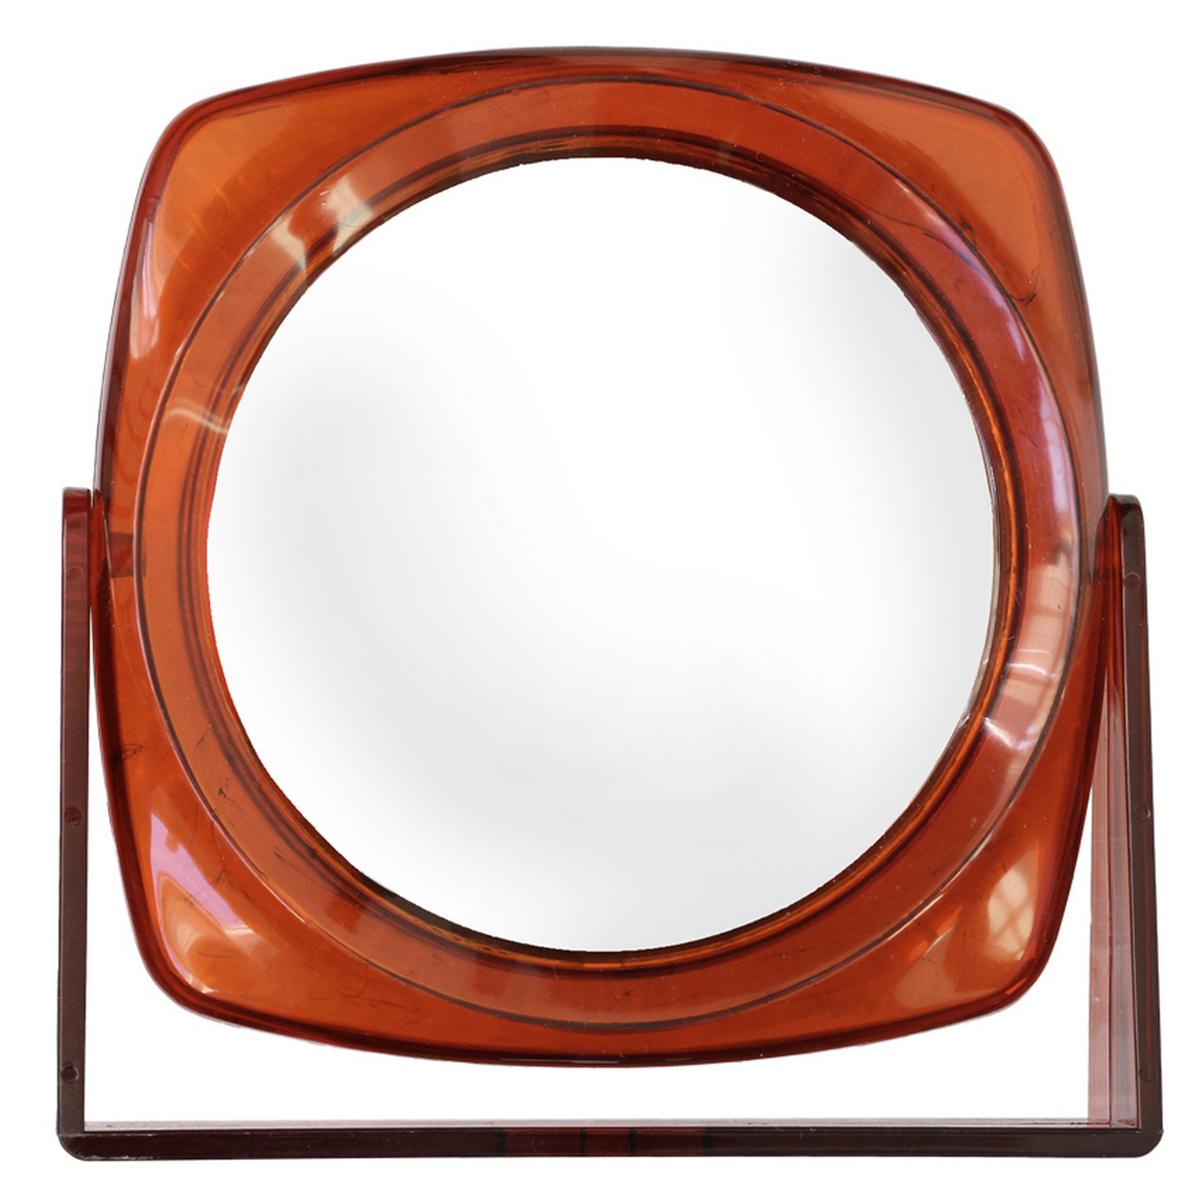 Silva Зеркало настольное, круглое, цвет: коричневыйSZ 584Зеркало двухсторонее, с трехкратным увелечением.